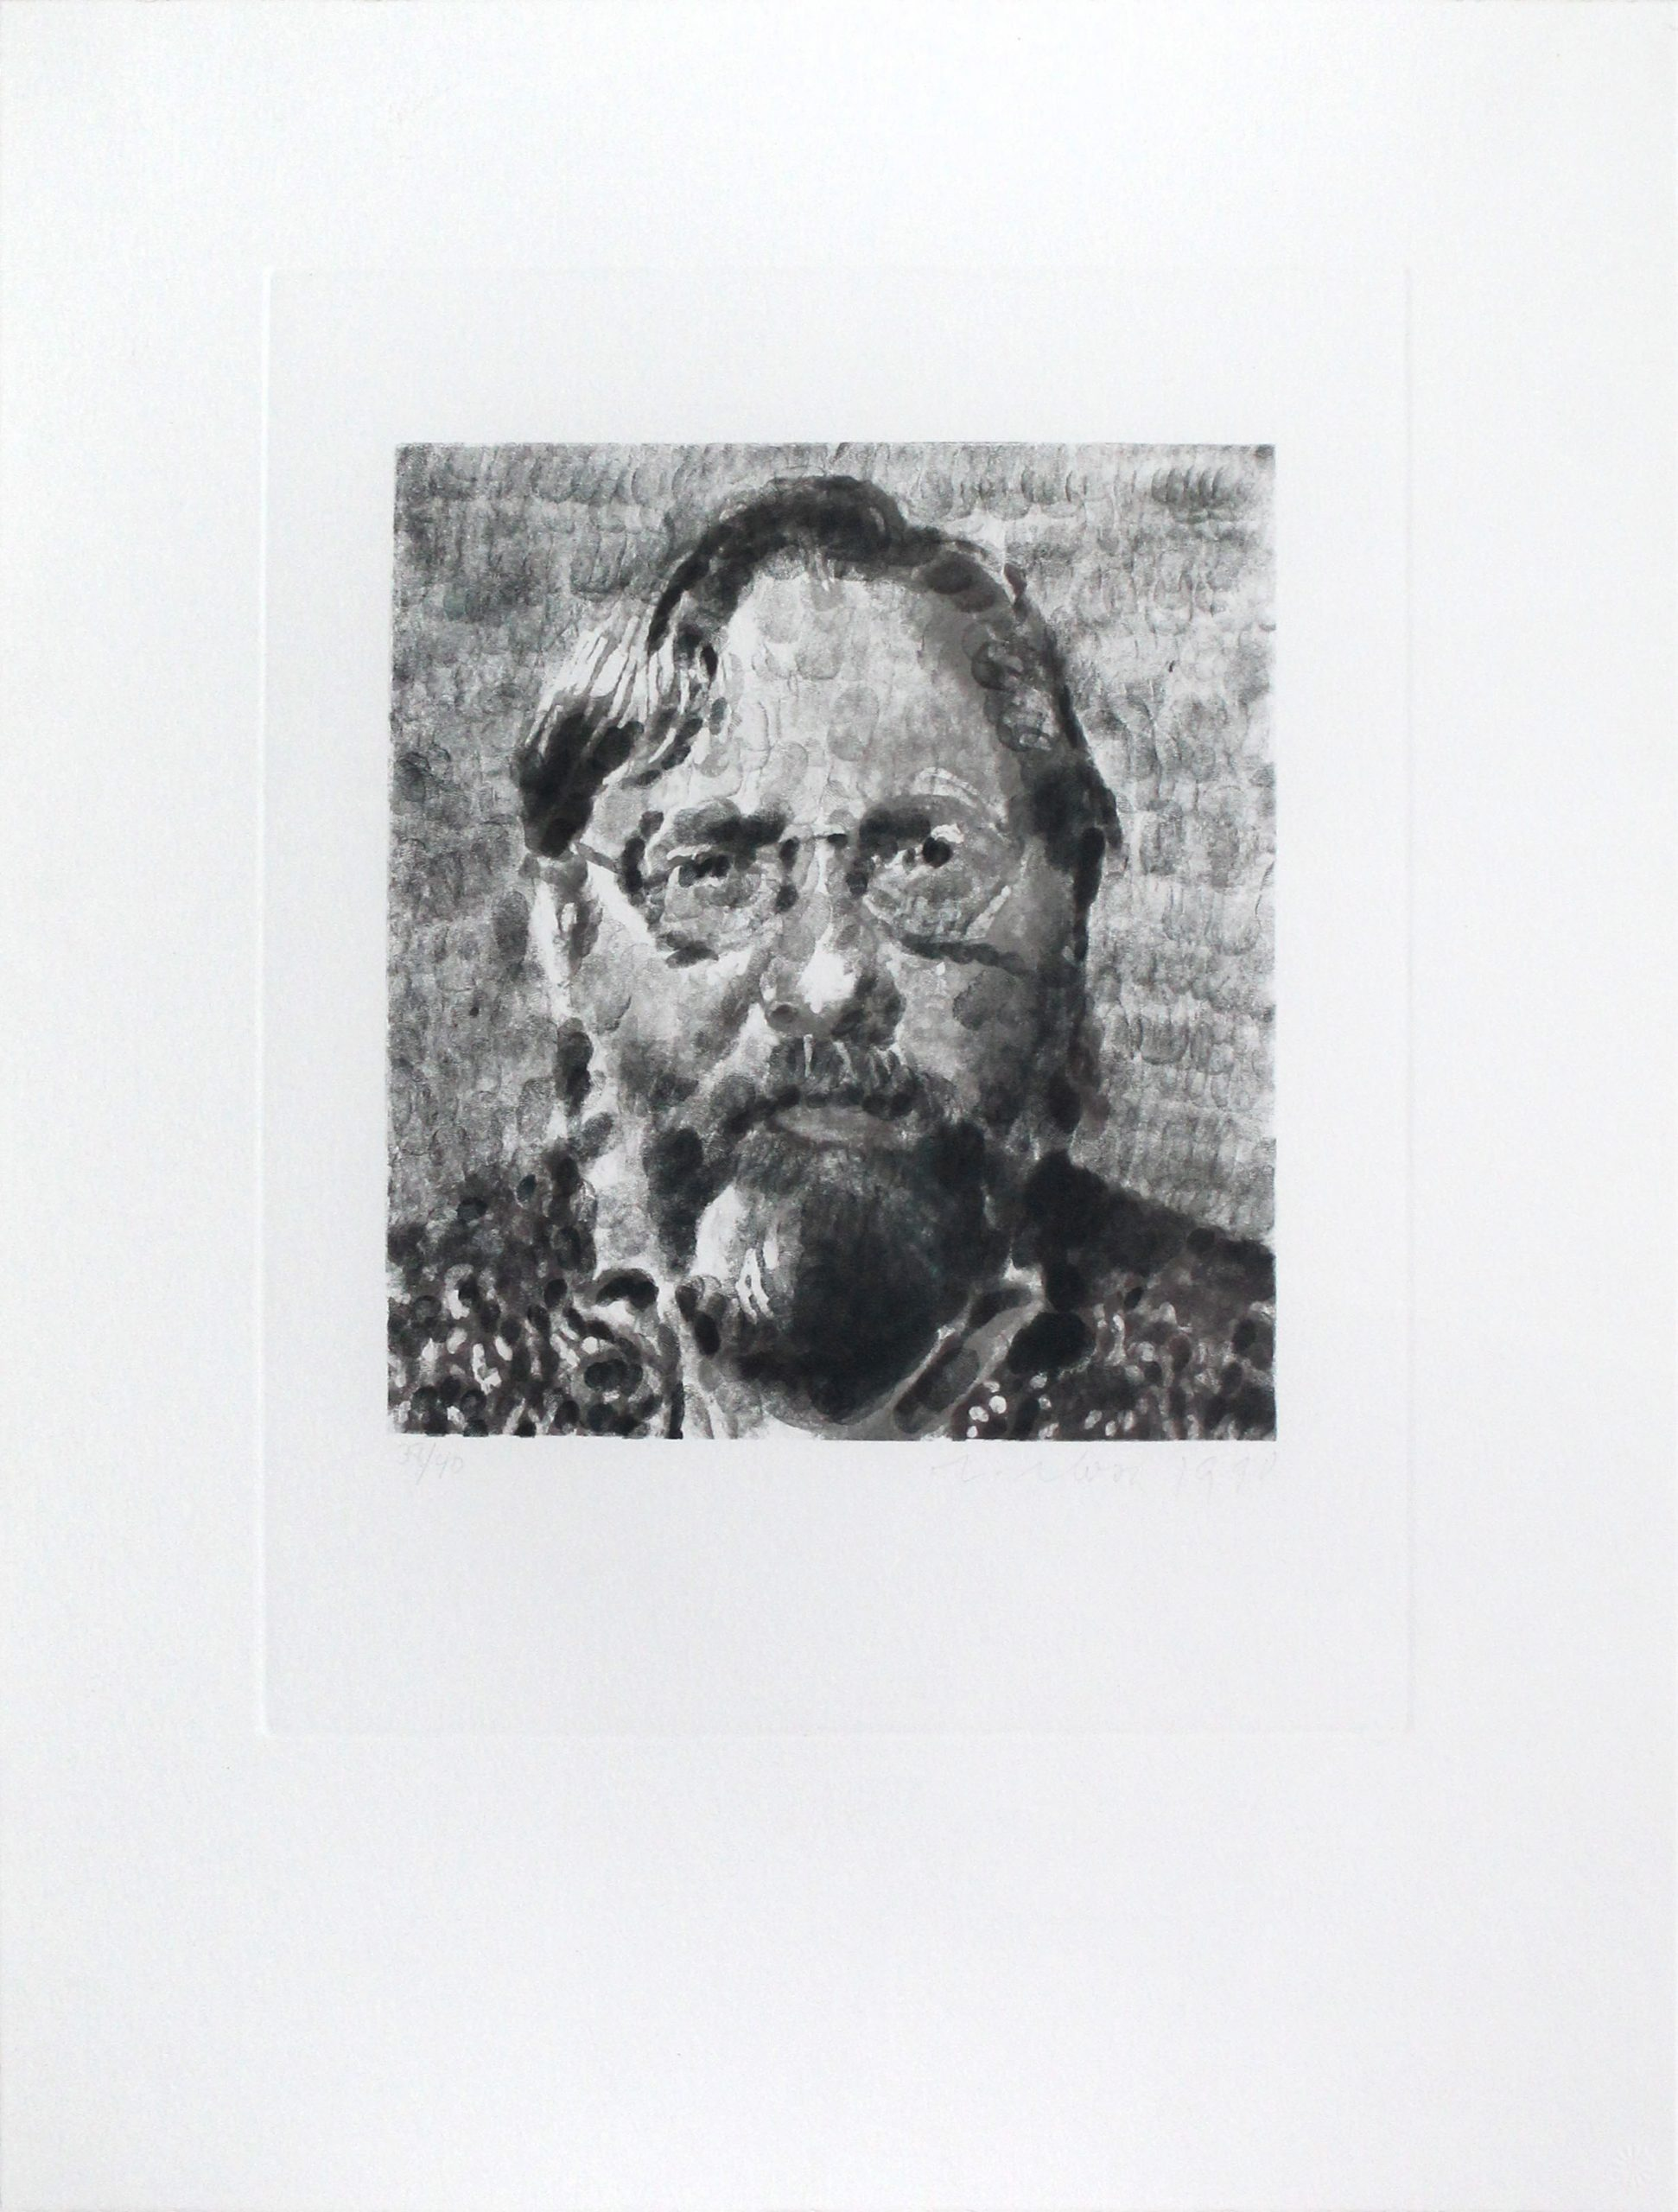 John I by Chuck Close